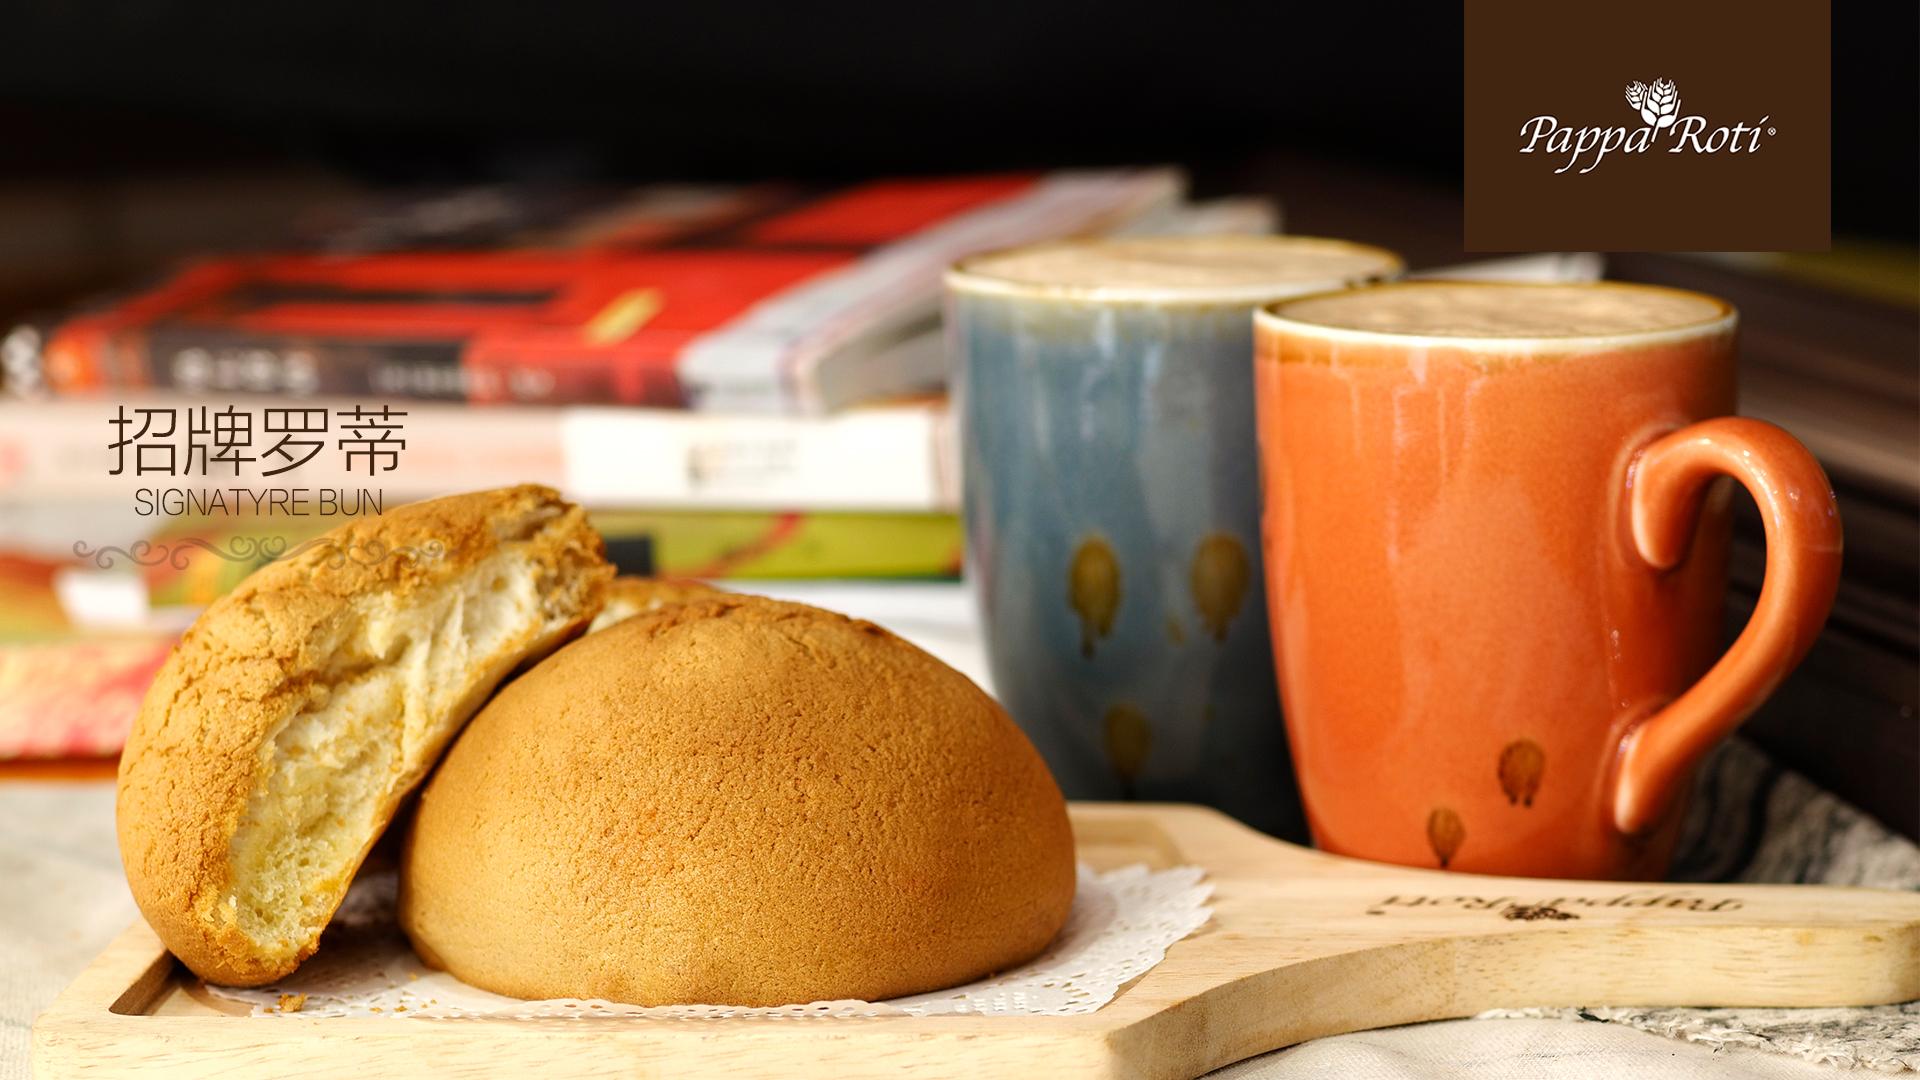 做面包店加盟什么品牌好?